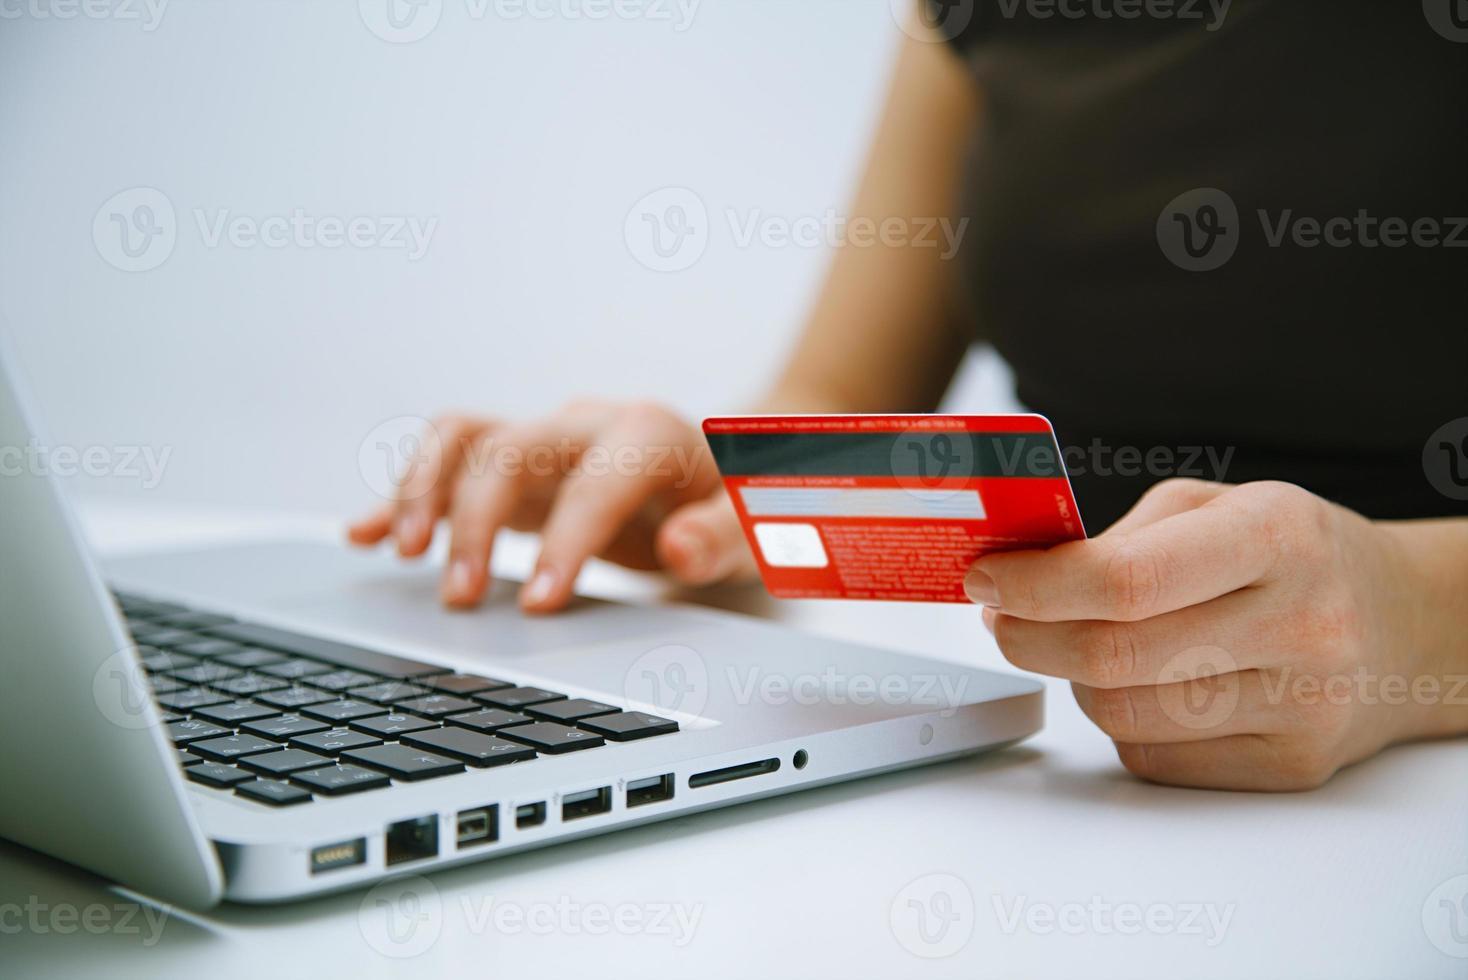 pagando con tarjeta de crédito en línea foto